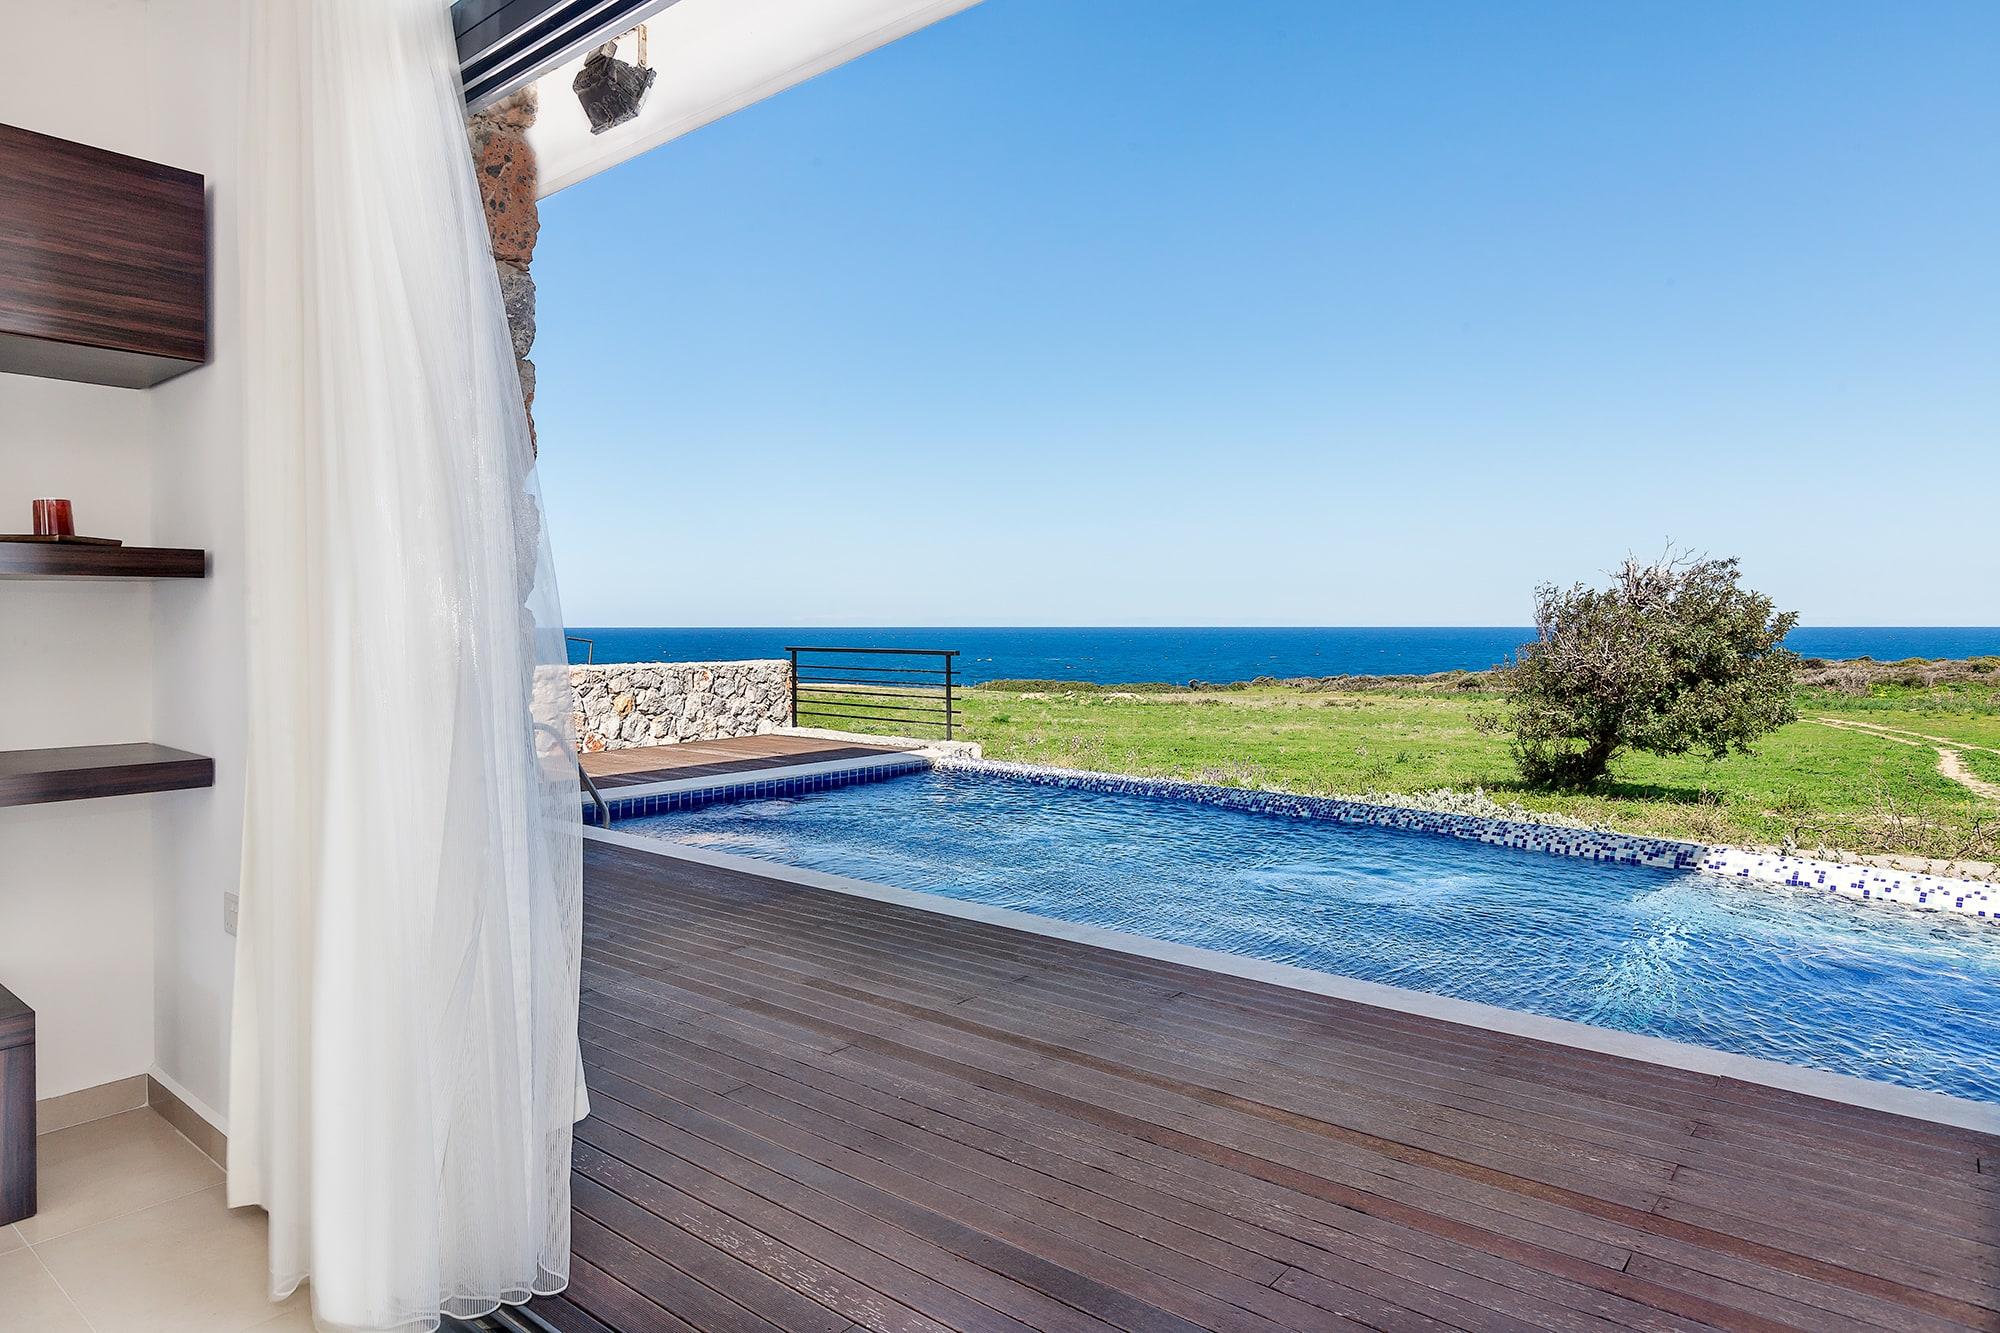 Bahçeli'de Satılık Denize Sıfır 3 Yatak Odalı ve Özel Havuzlu Villalar 9866